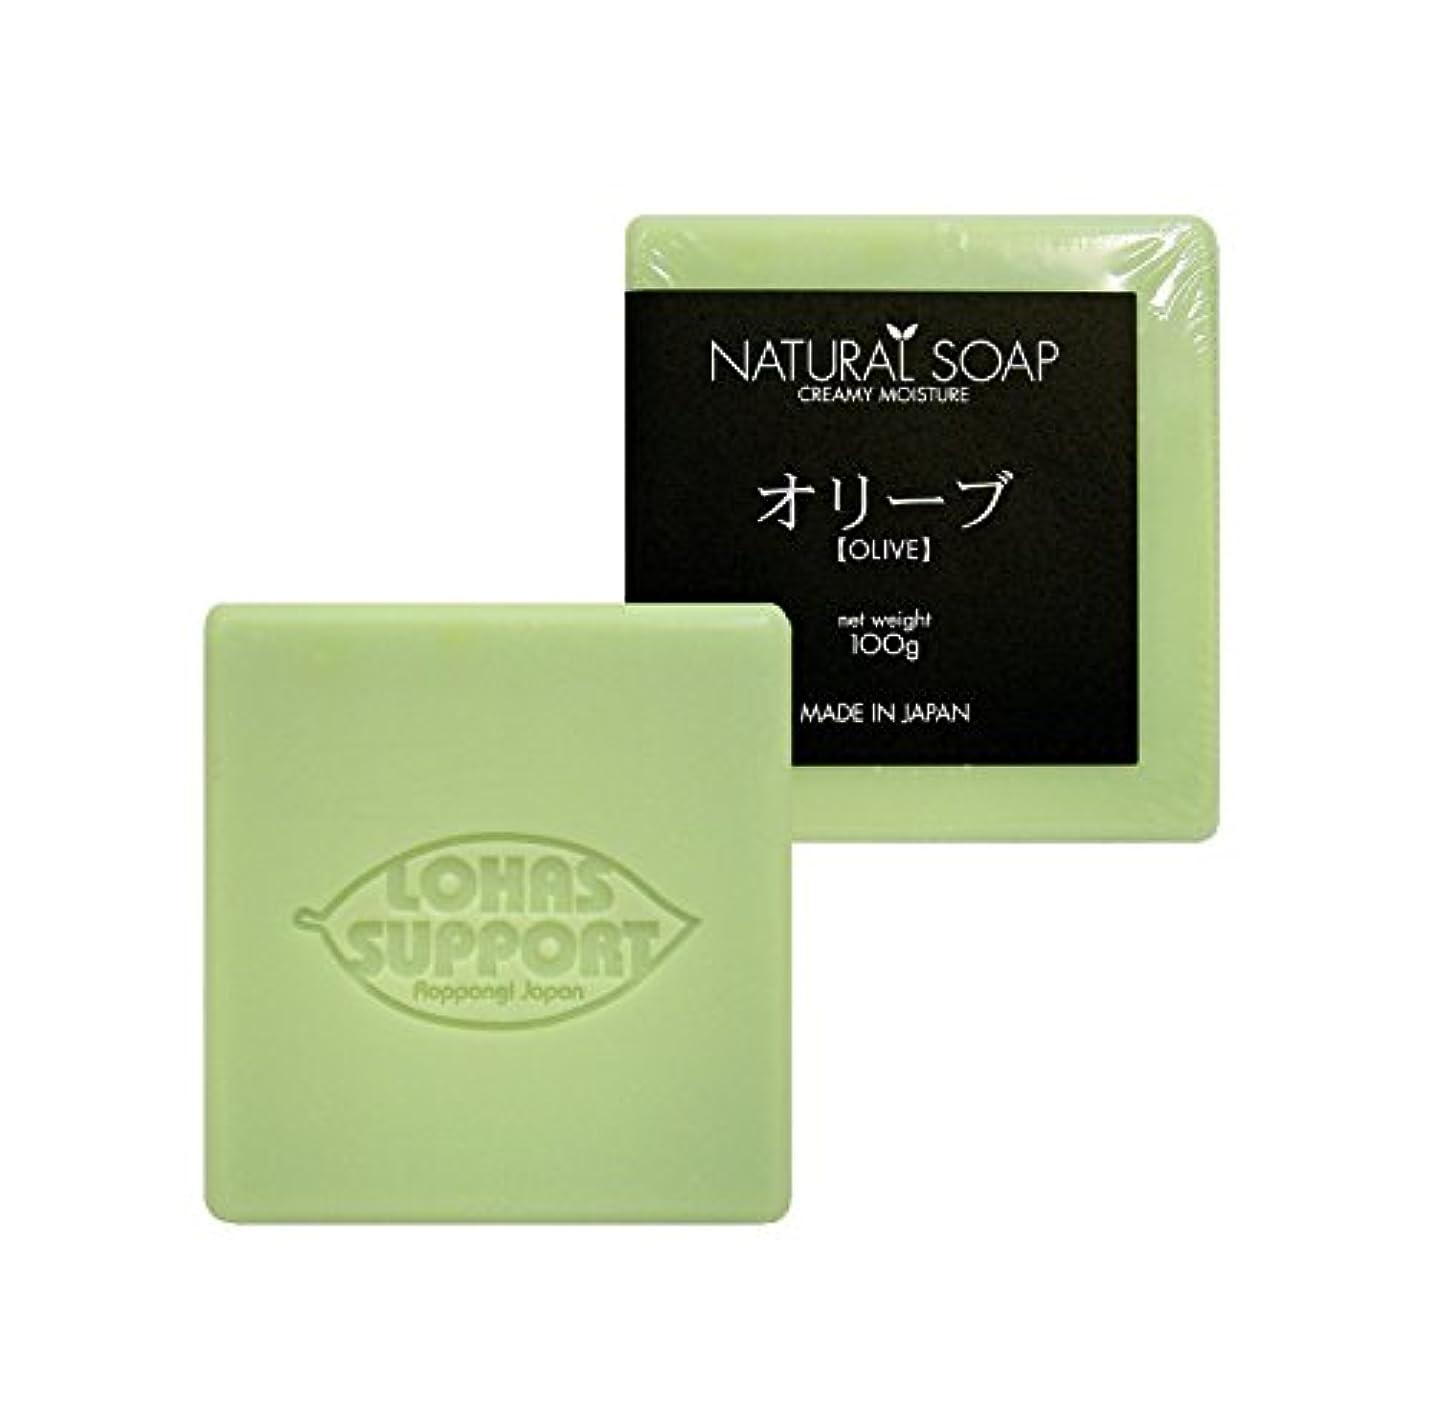 困惑した護衛促すNATURAL SOAP